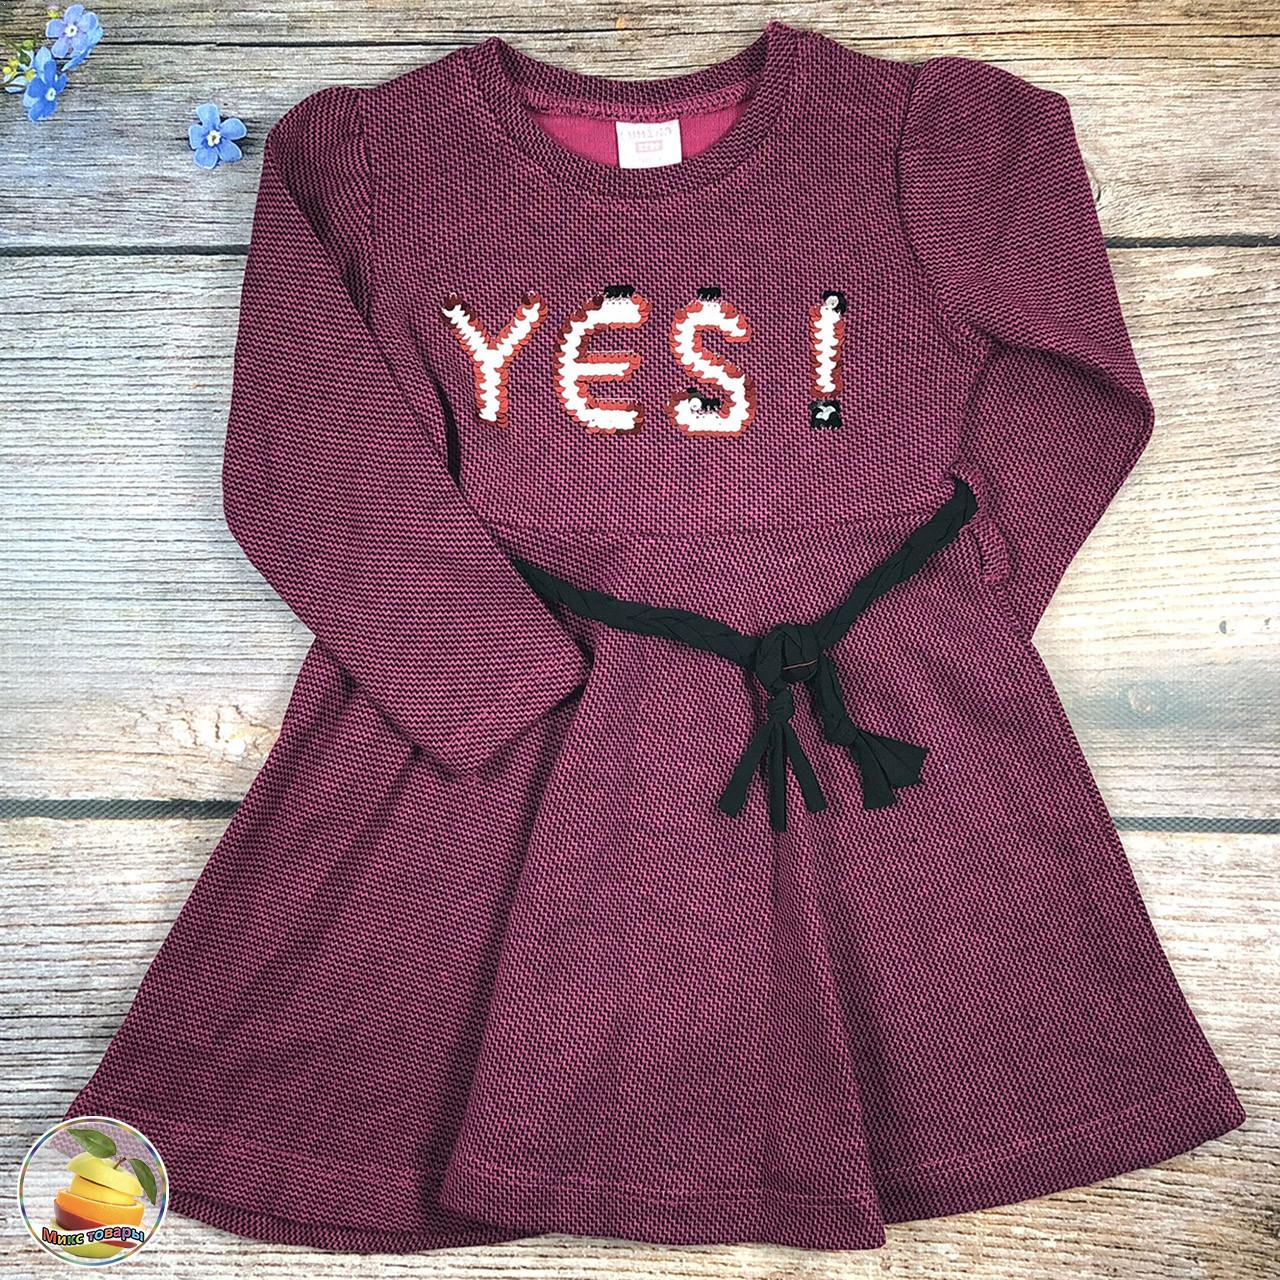 Сиреневое, плотное, платье с длинным рукавом Размеры: 98,104,110,116 см (8747-4)